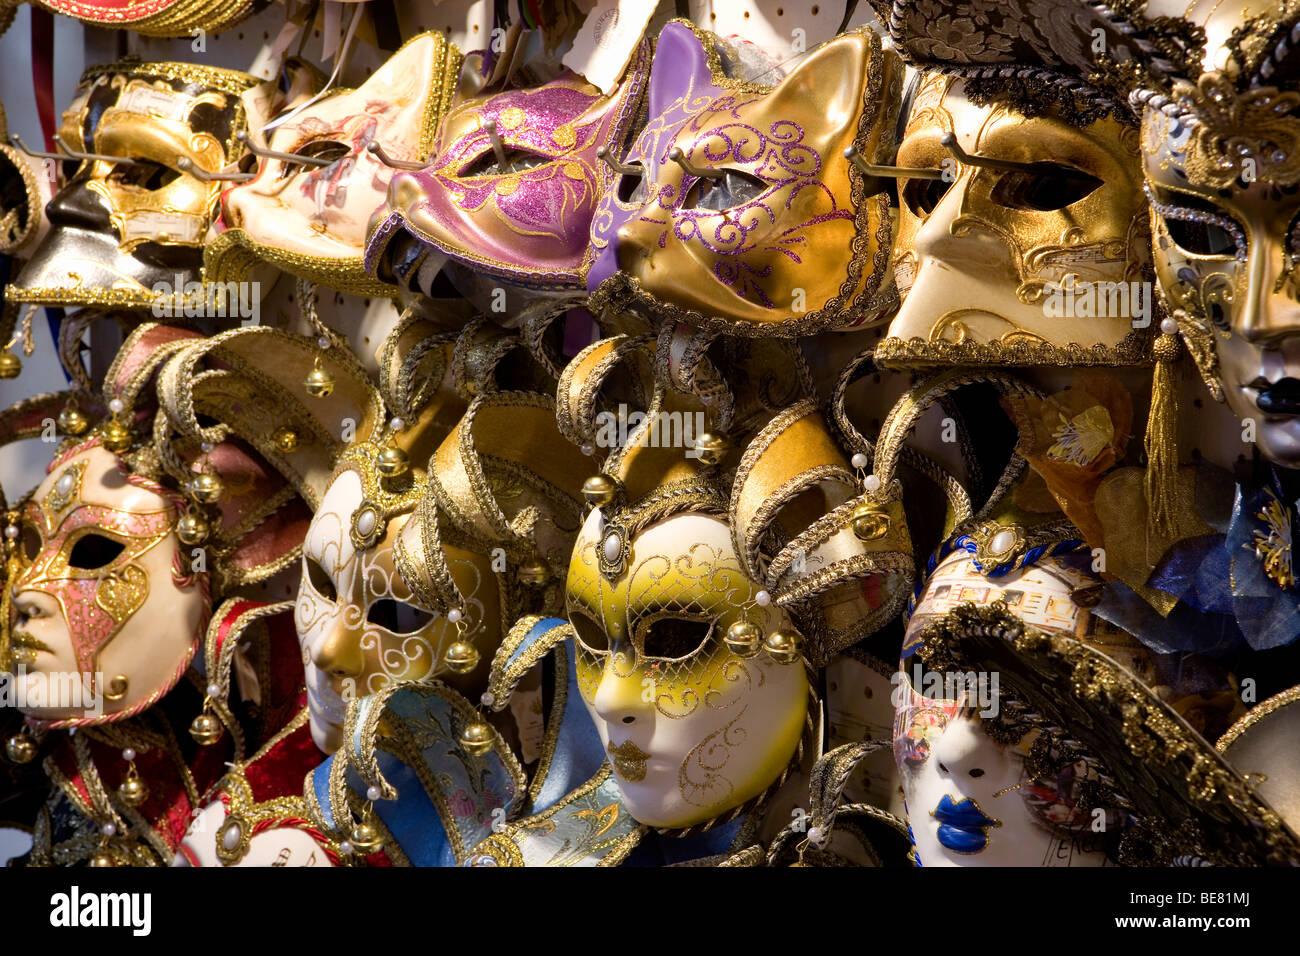 Dettaglio del carnevale veneziano Le Maschere, Venezia, Italia e Europa Foto Stock